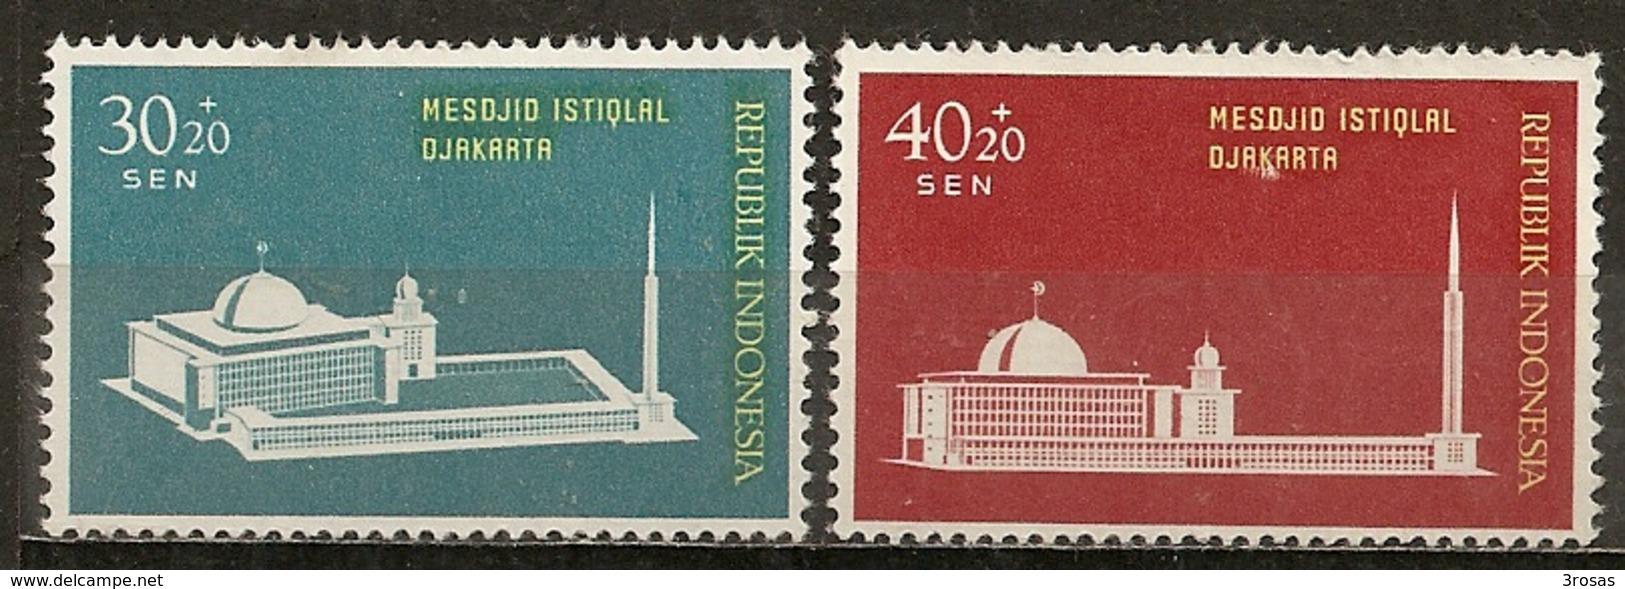 Indonesie Indonesia 1962 Mosque M * - Indonesië